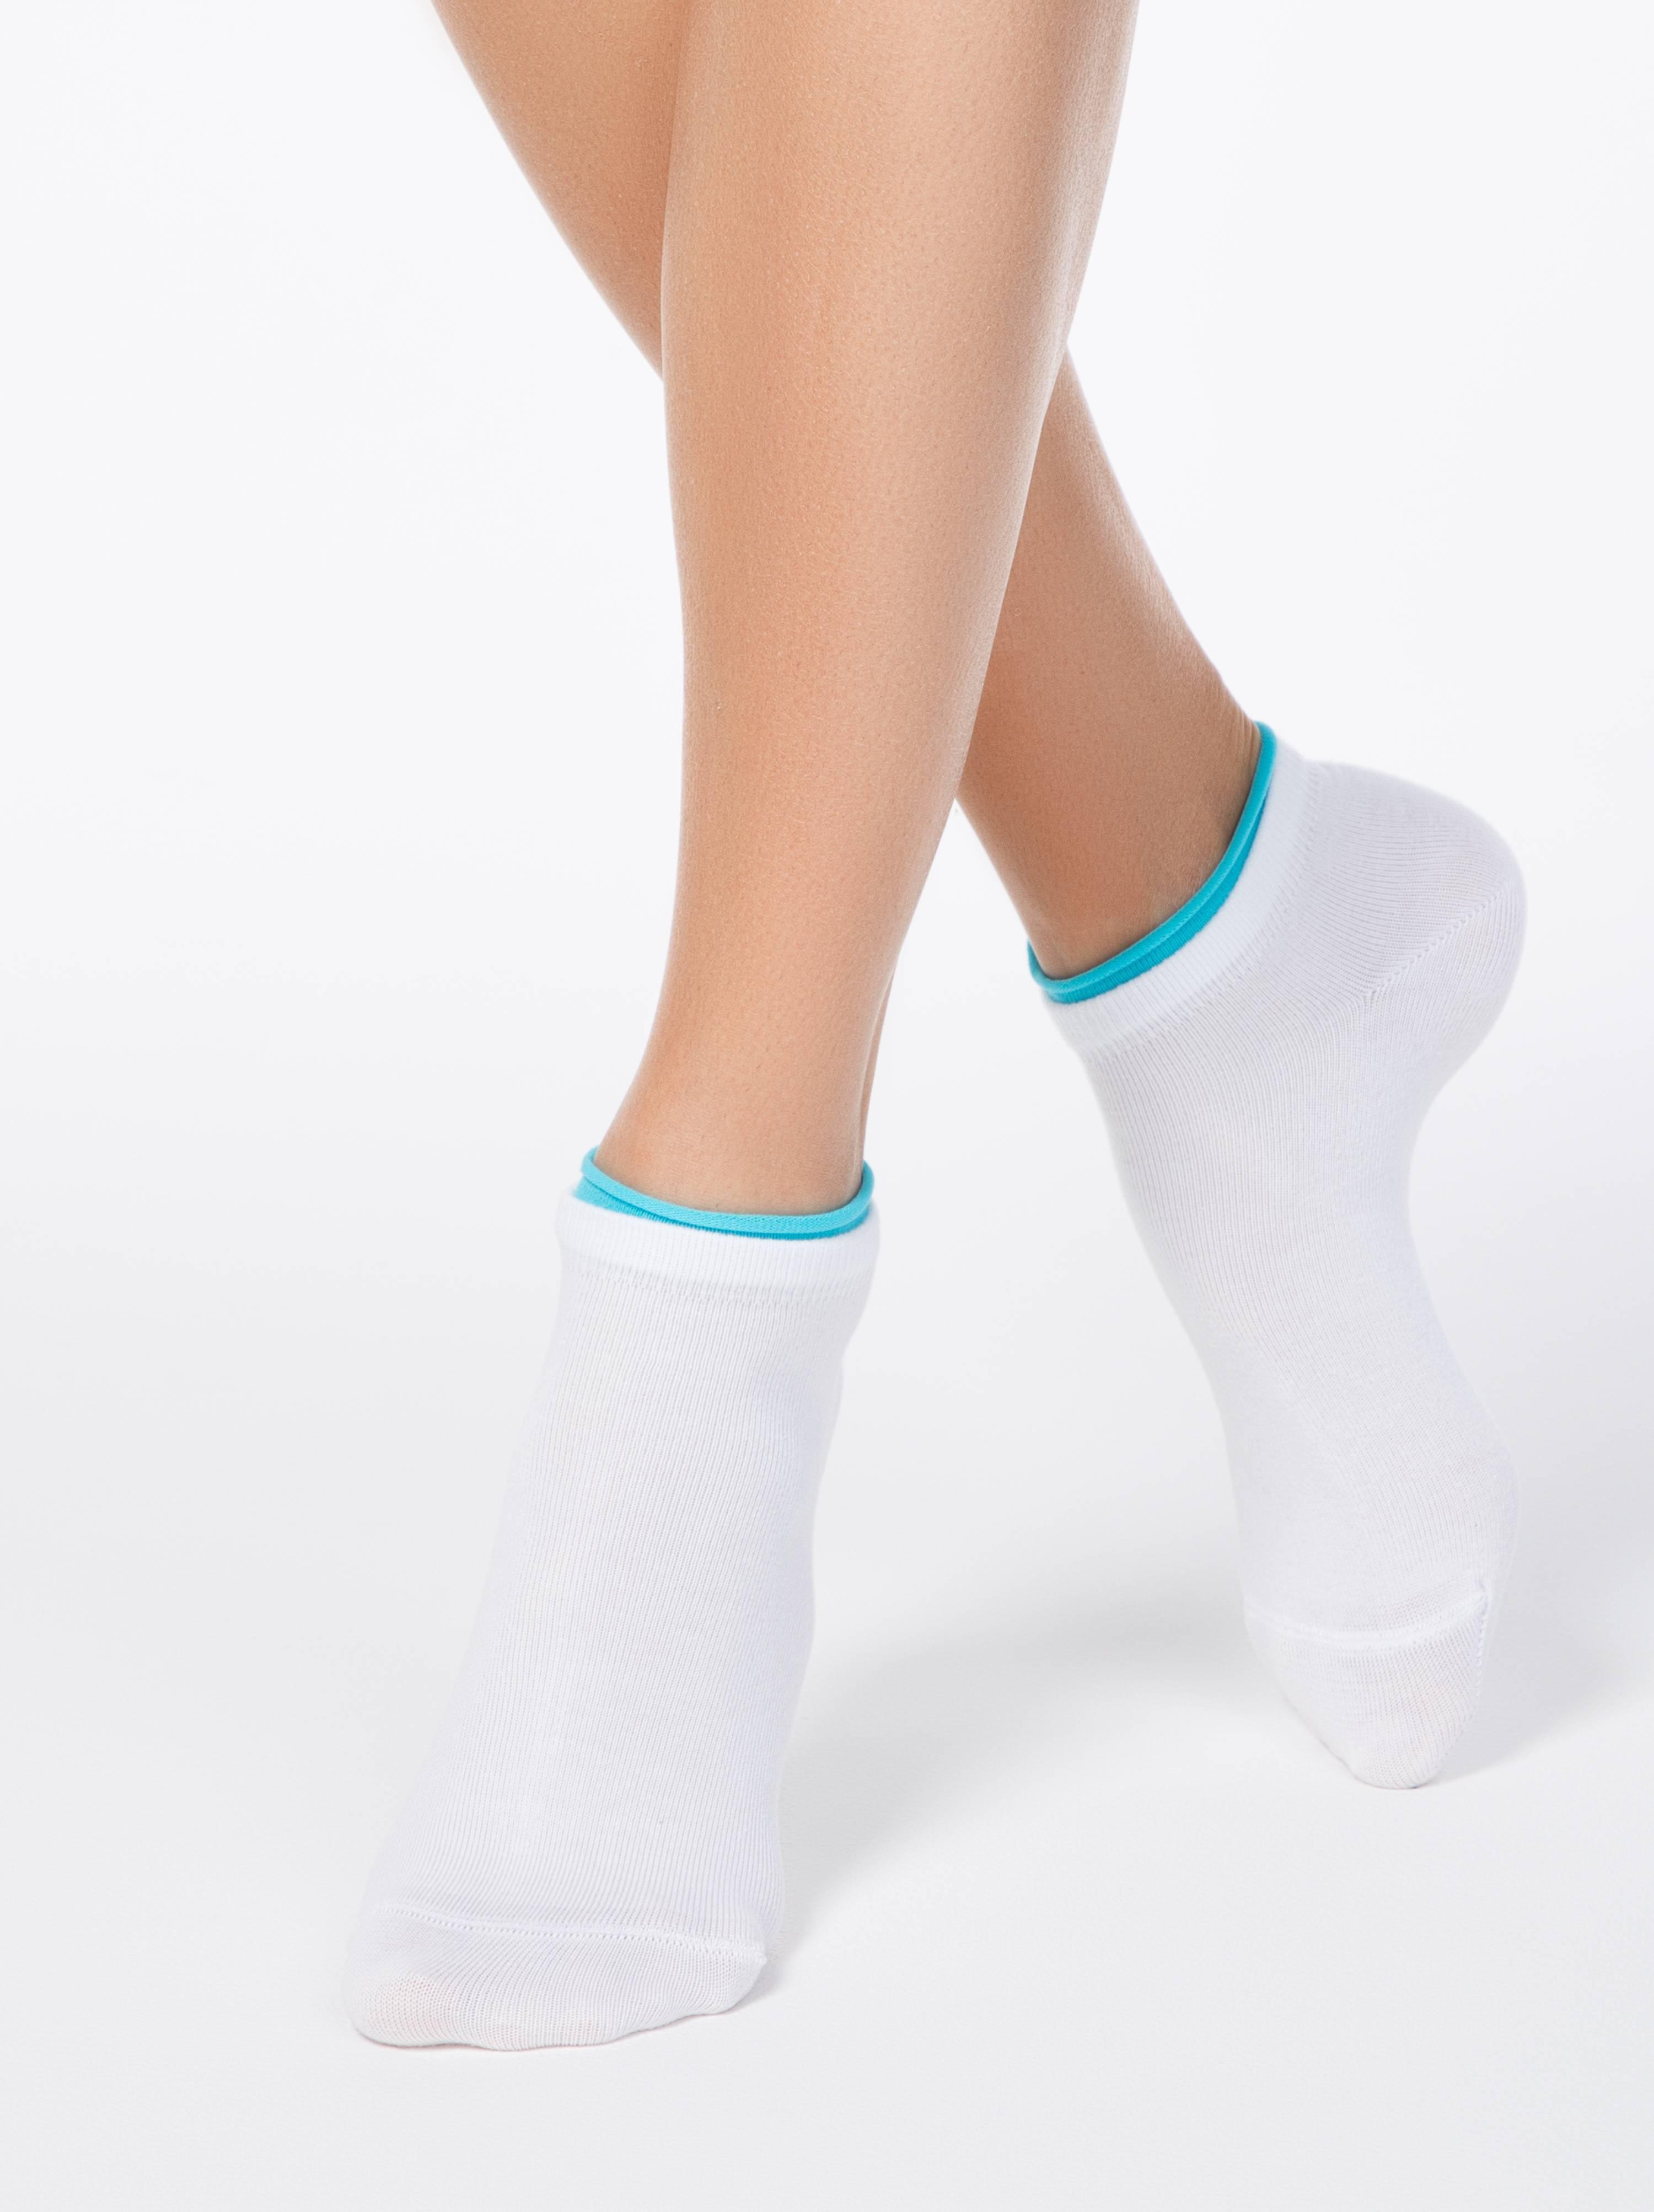 Носки хлопковые женские ⭐️ Хлопковые носки ACTIVE ⭐️